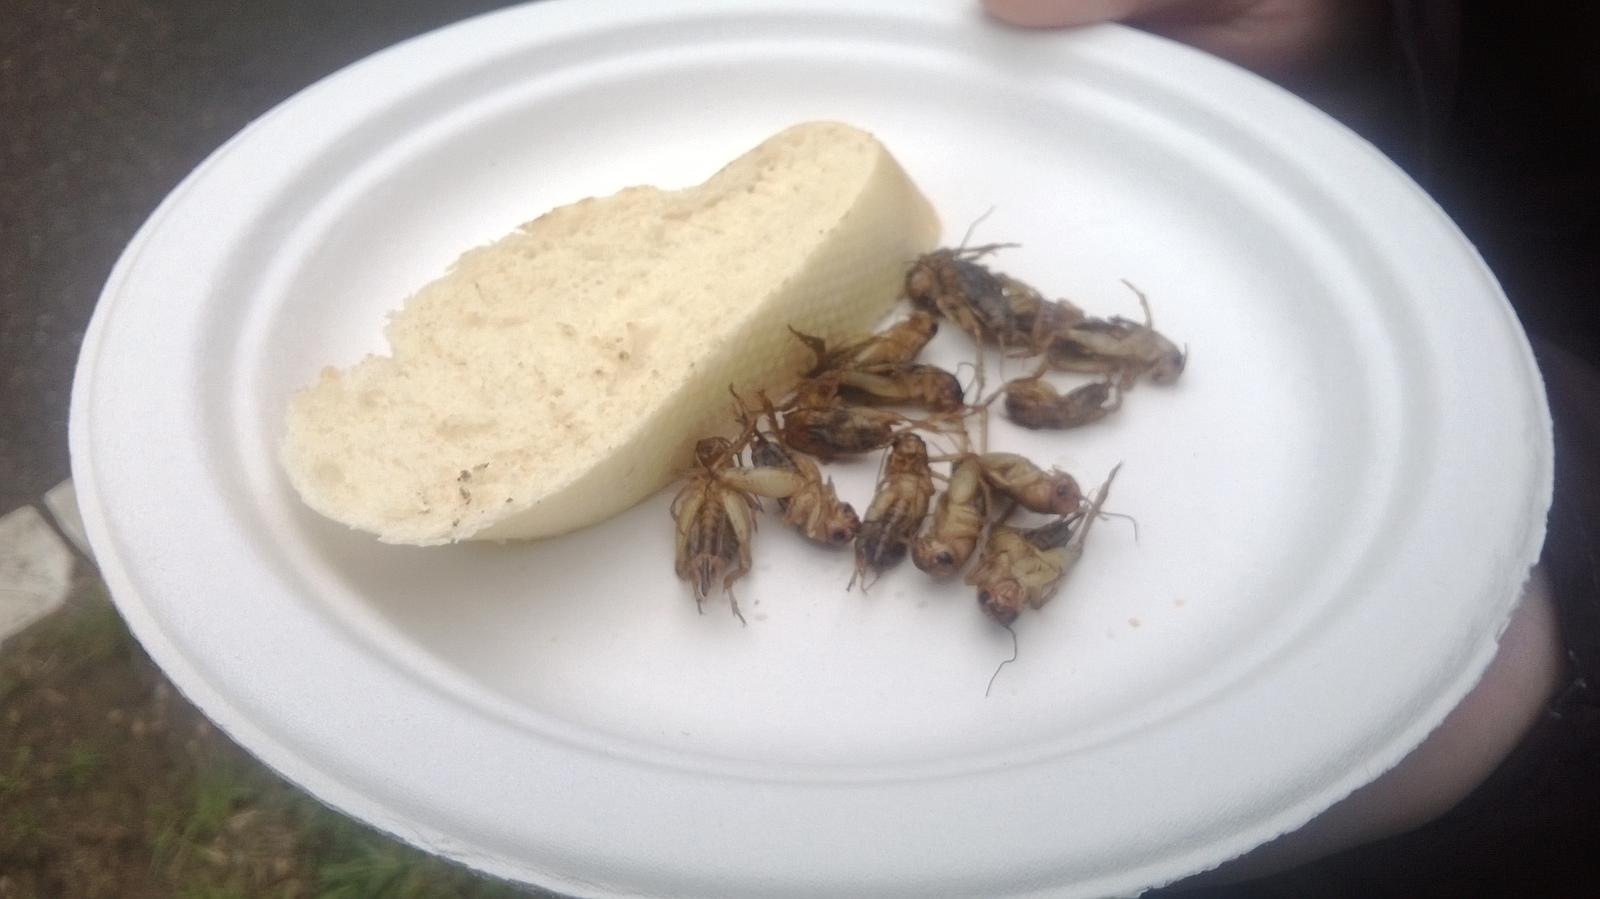 Hokus pokus v kuchyni - cvrčci na másle, nikdy bych neřekla, že tohle budu jíst a že mi to bude vážně chutnat :-)